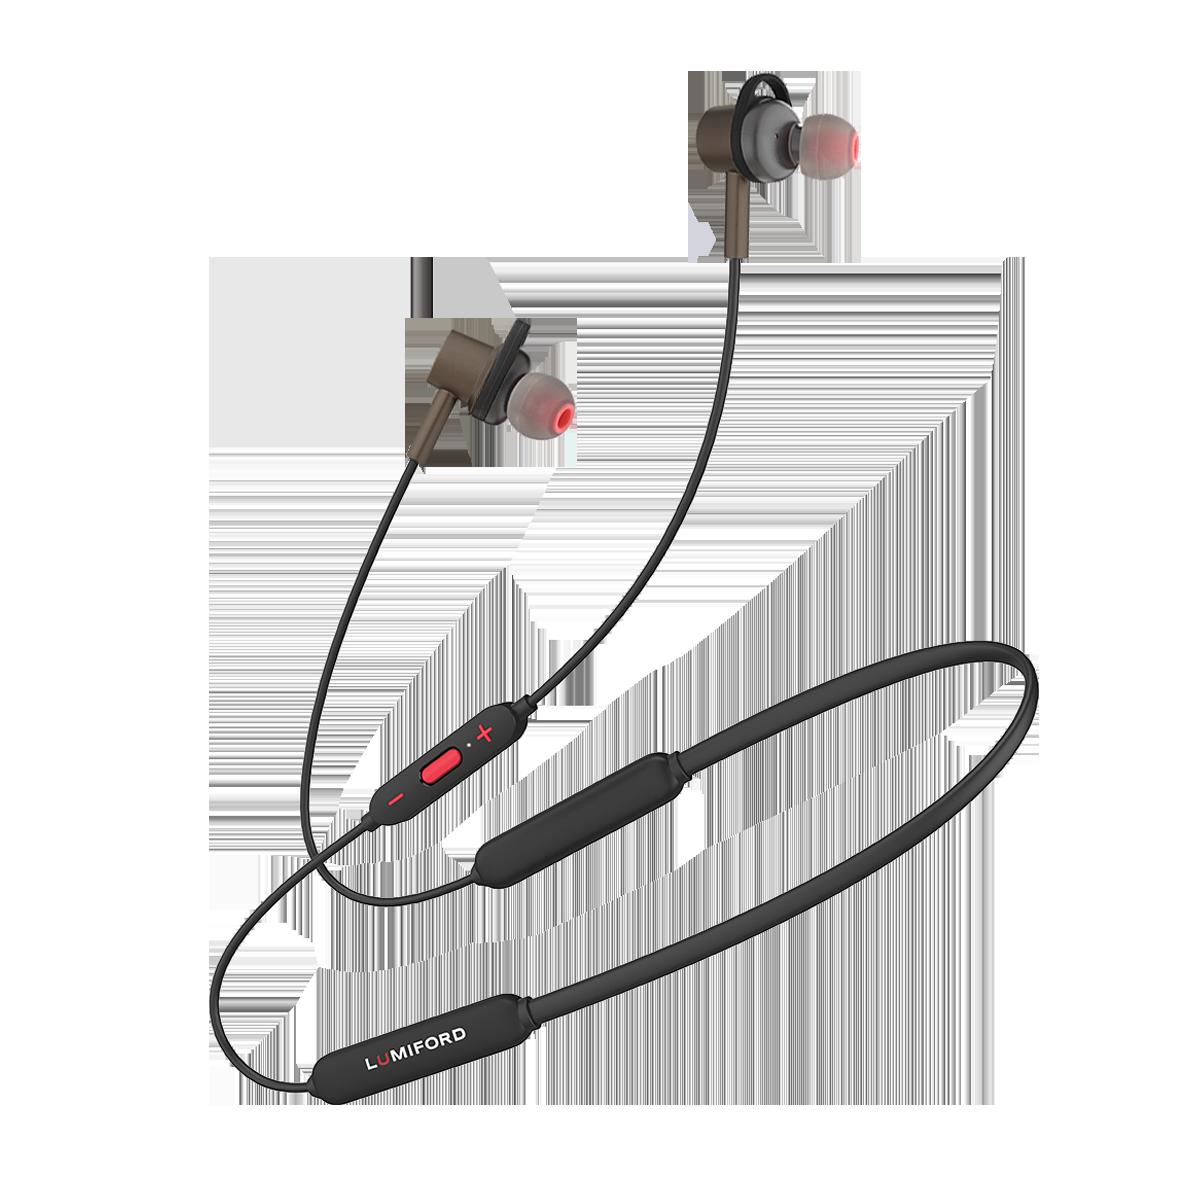 LUMIFORD Max N60 Wireless in-Ear Earphones